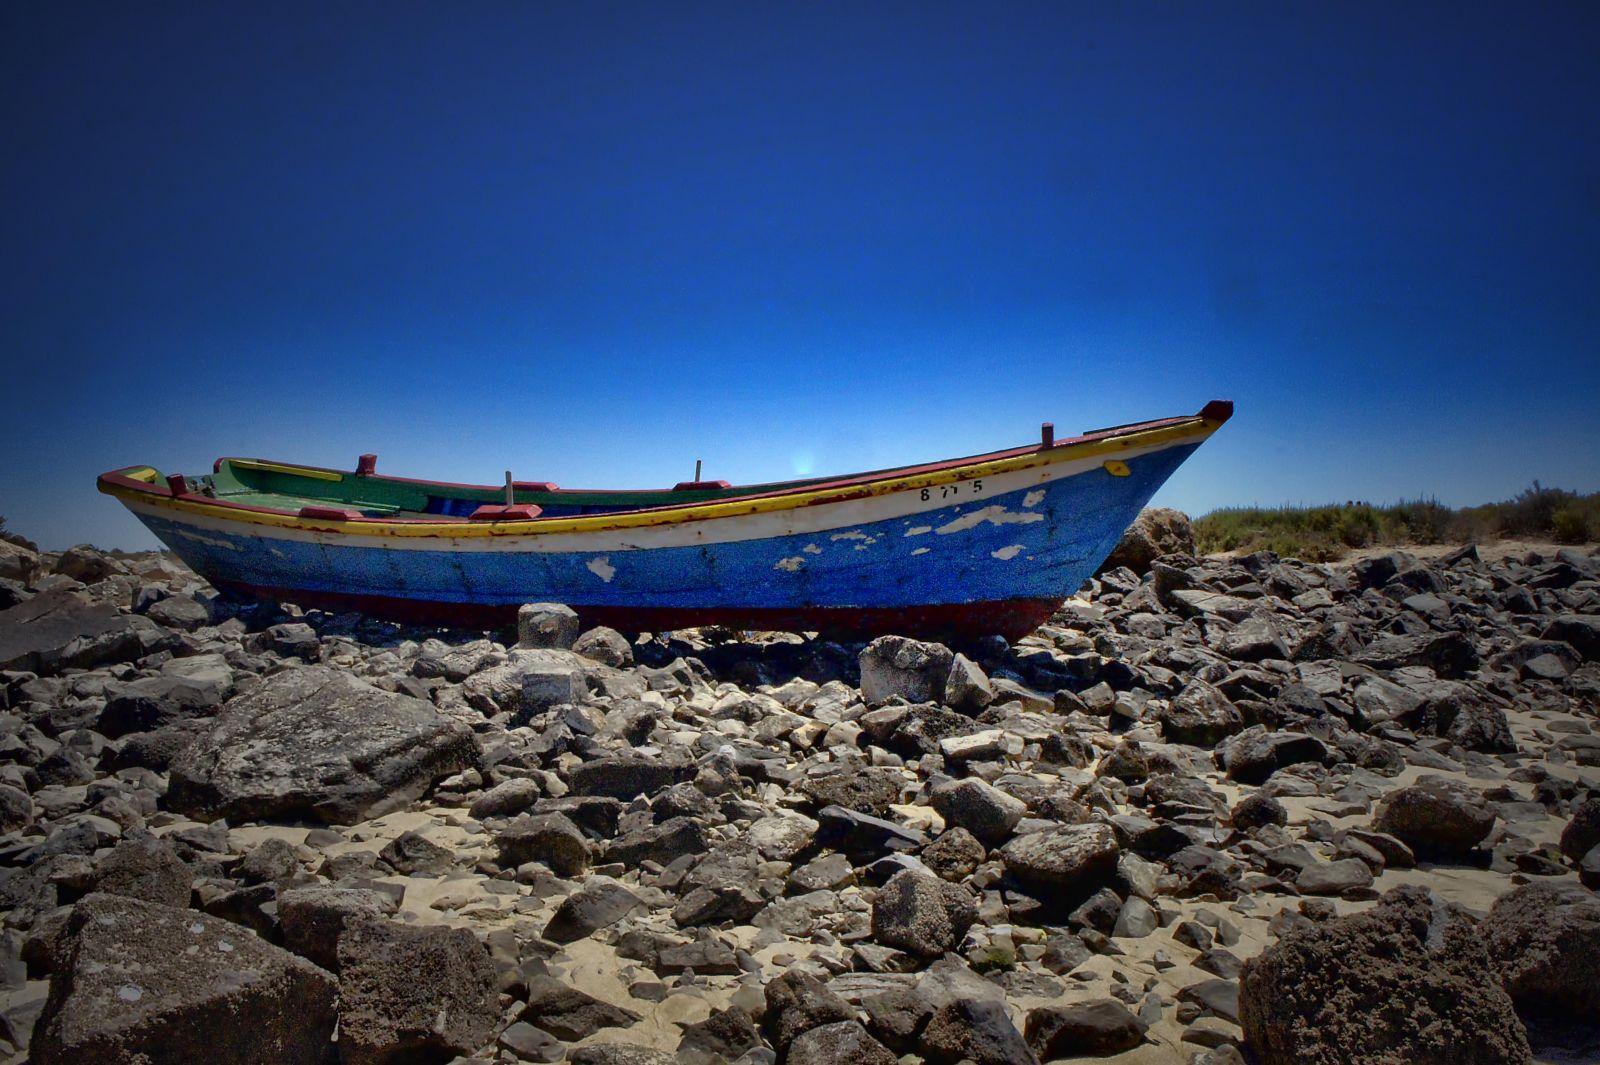 Fotografia de Juan Manuel Serrano Becerra